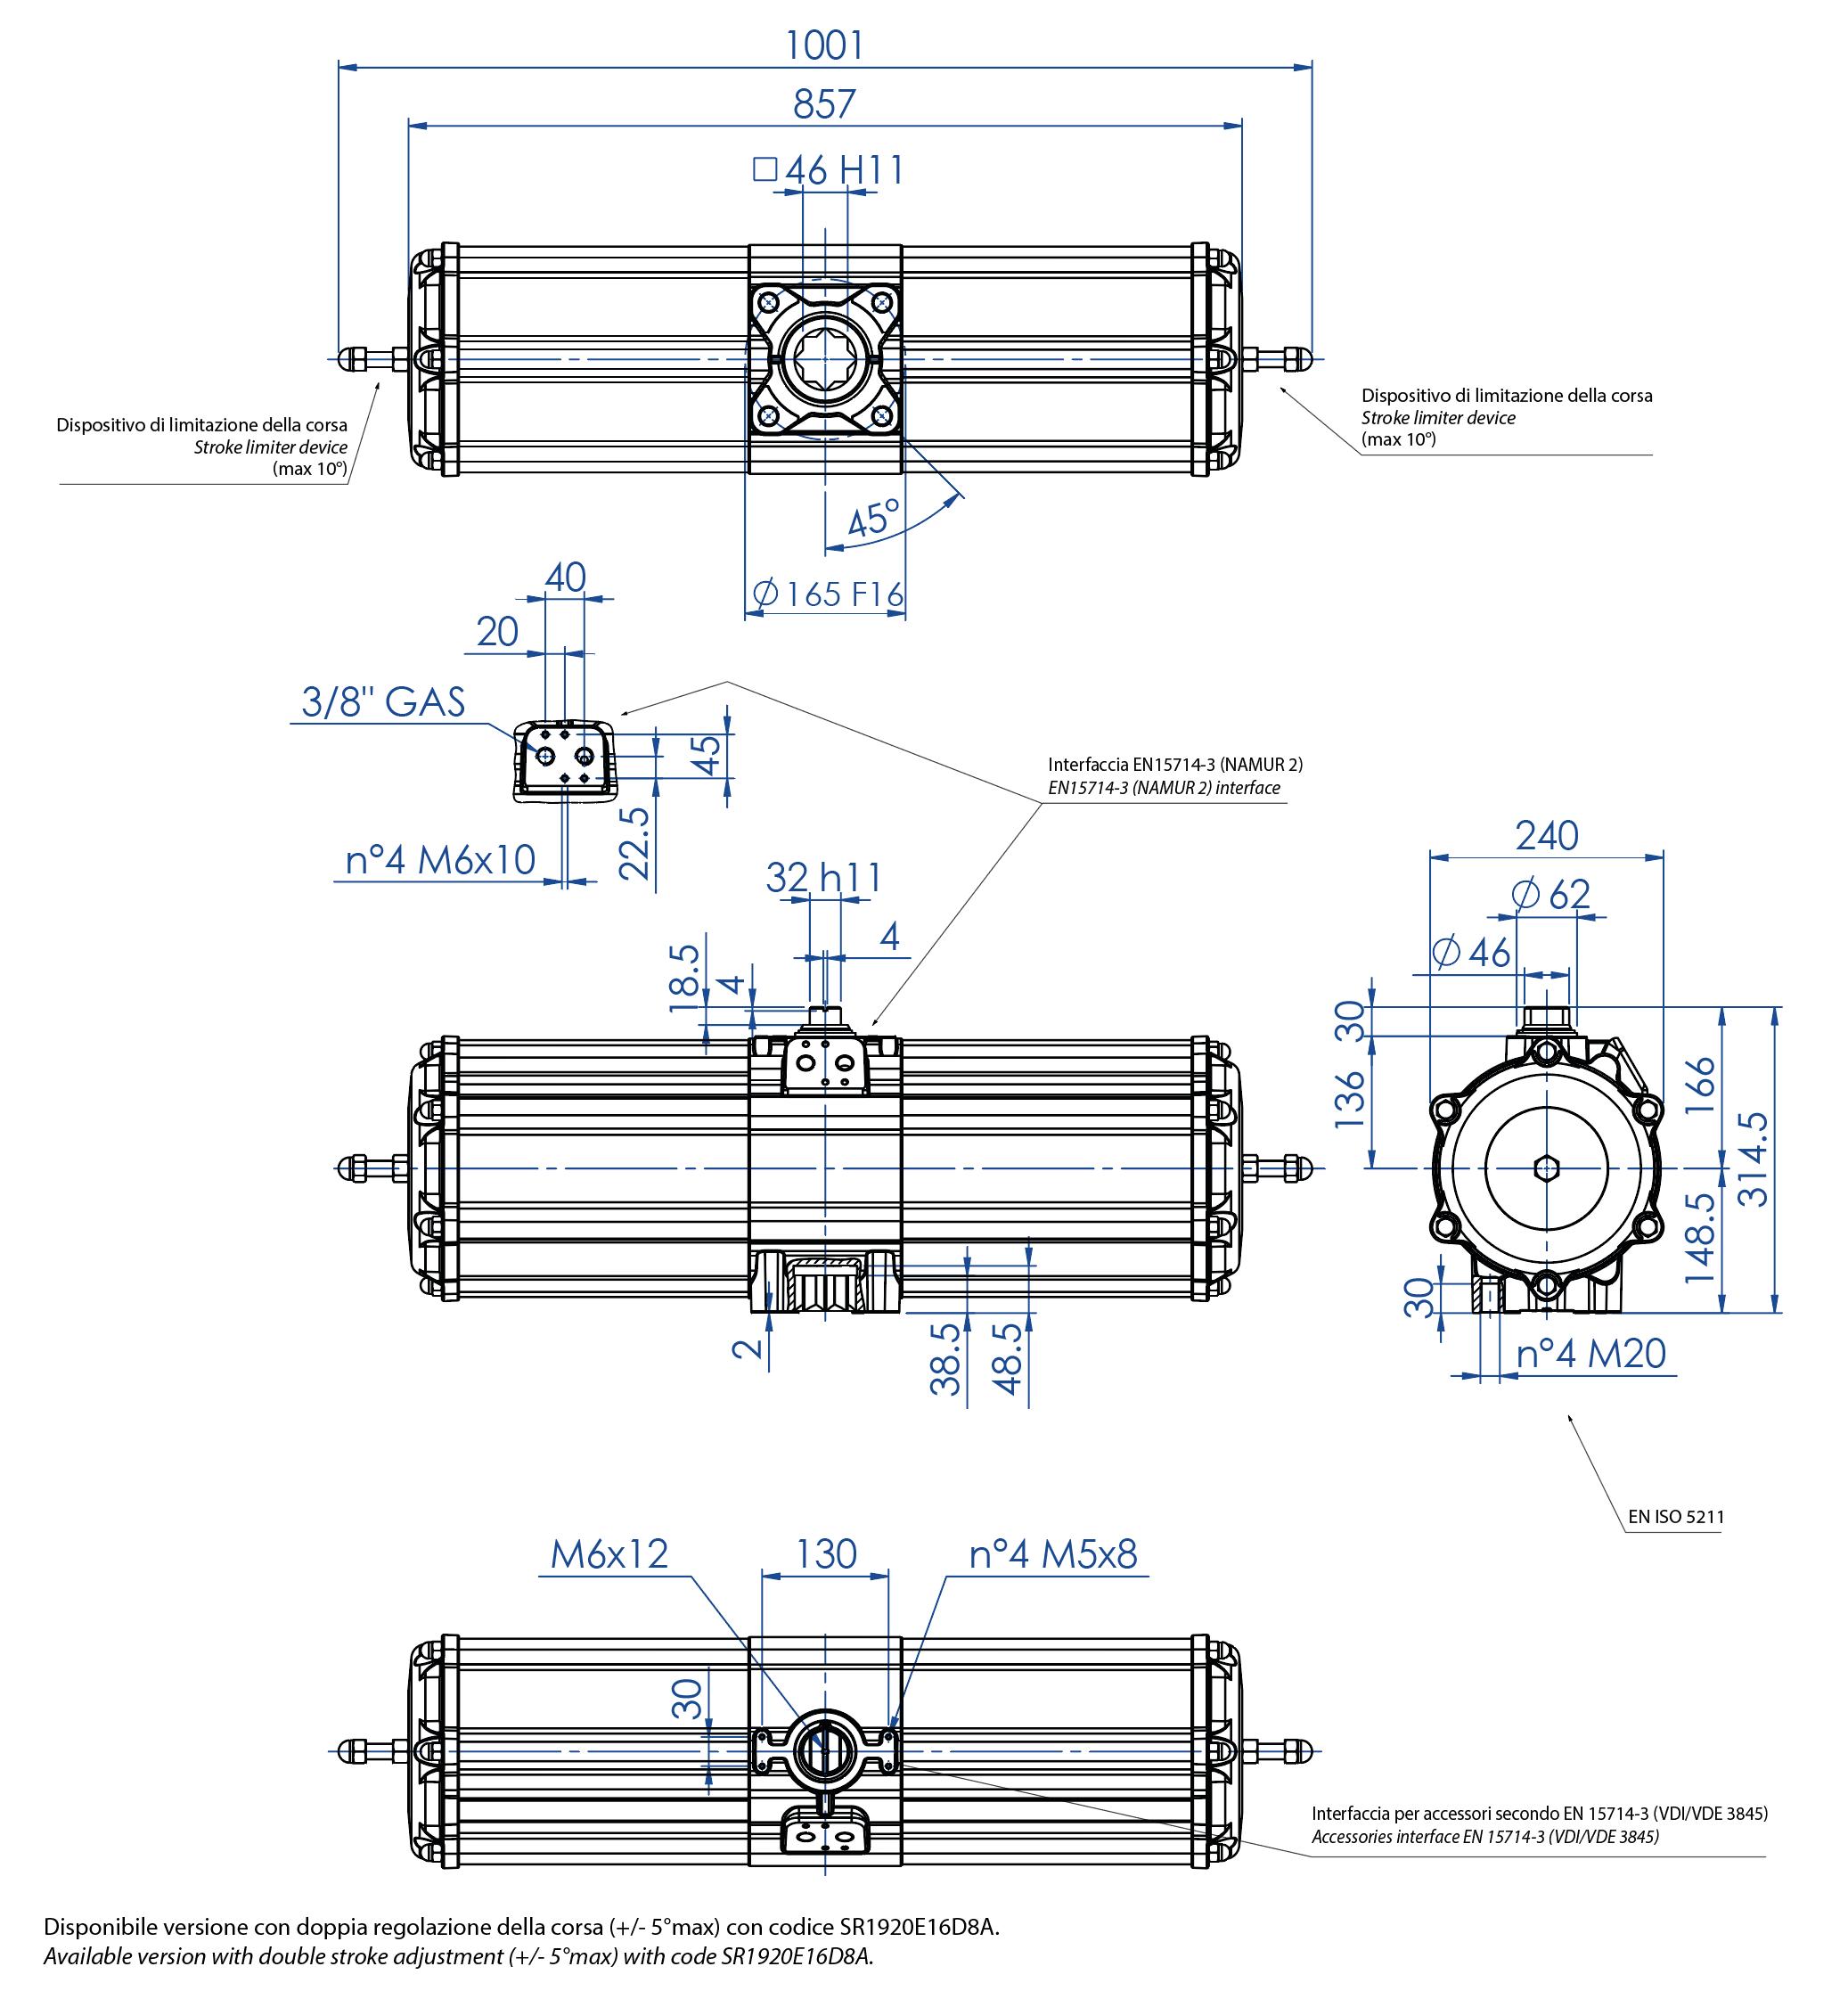 Einfachwirkender pneumatischer Stellantrieb GS aus Aluminium - abmessungen - Einfachwirkender pneumatischer Stellantrieb Baugröße GS 1920 (Nm)